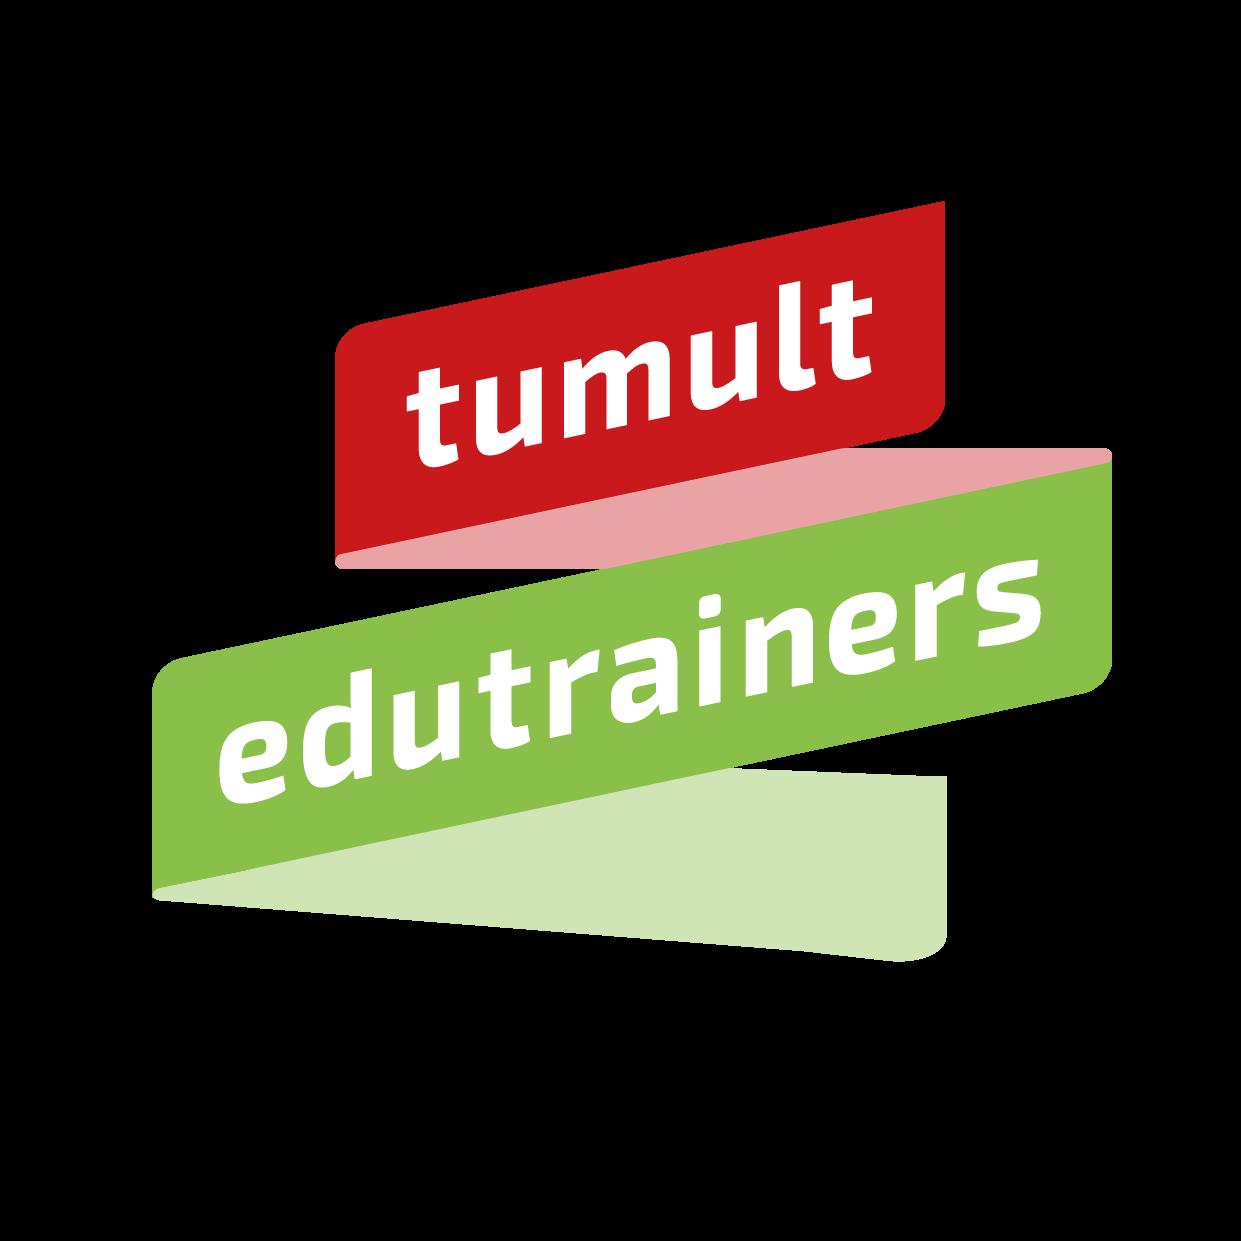 Logo Tumult Edutrainers